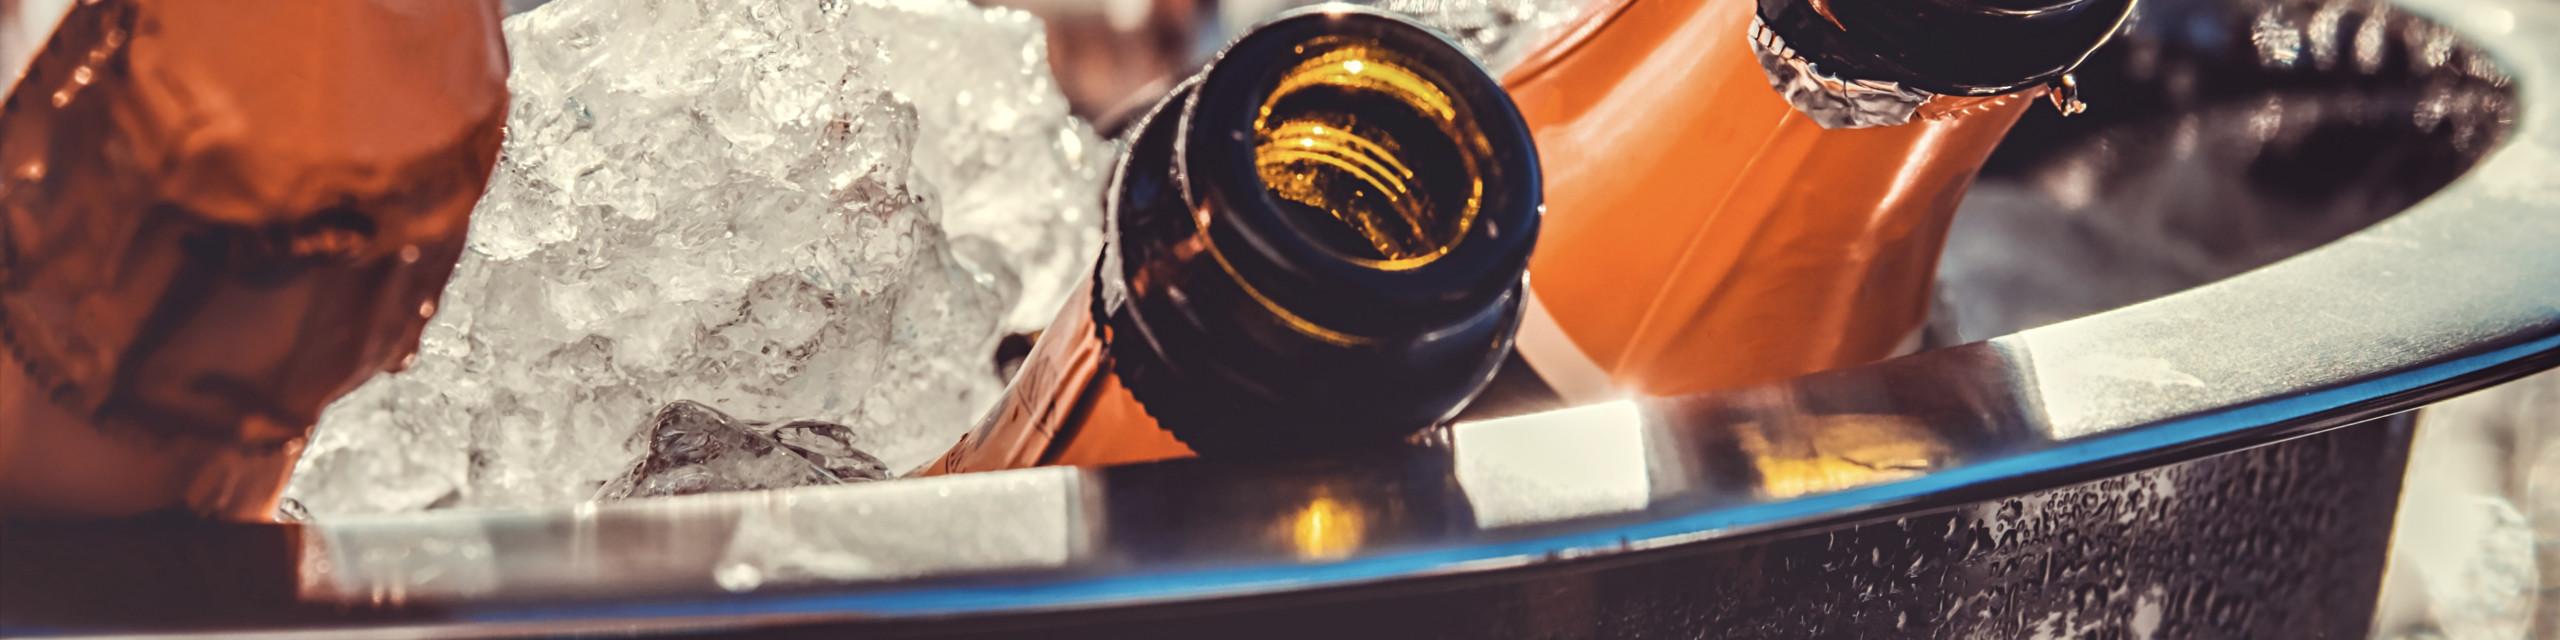 Perlwein mit zugesetzter Kohlensäure